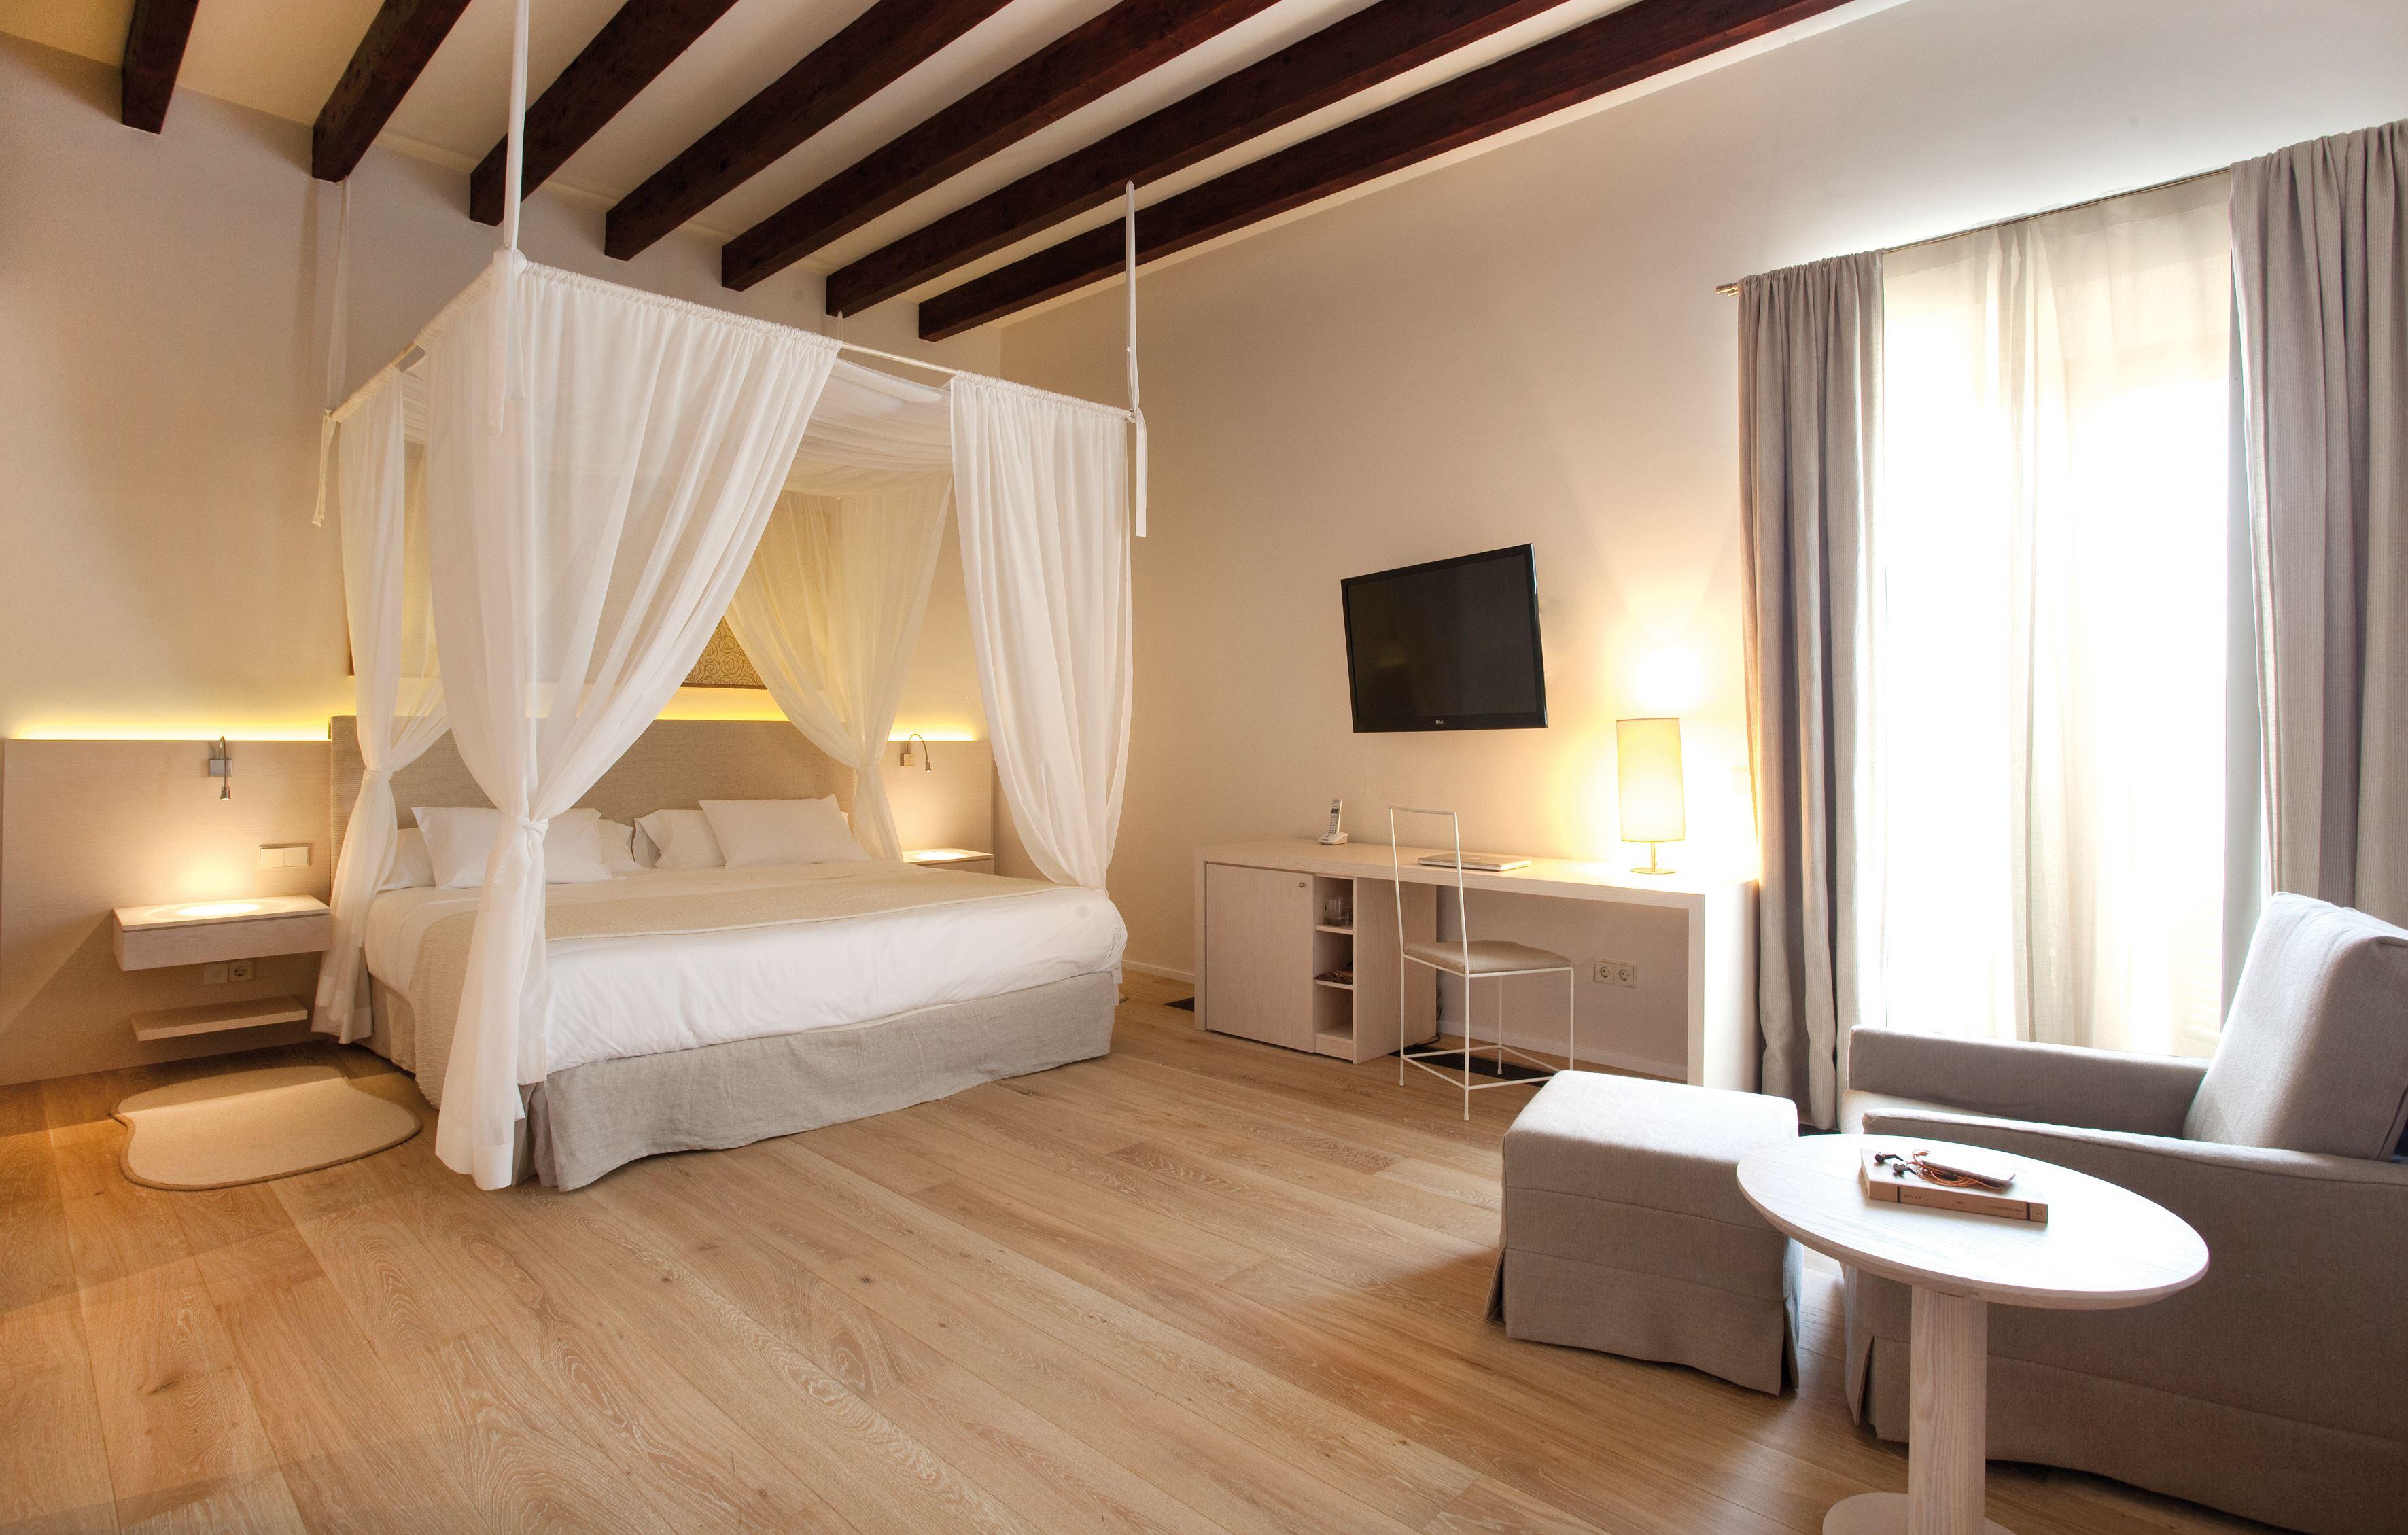 Juniorsvit Fontsanta Hotel Thermal Spa & Wellness, Colonia de Sant Jordi Mallorca